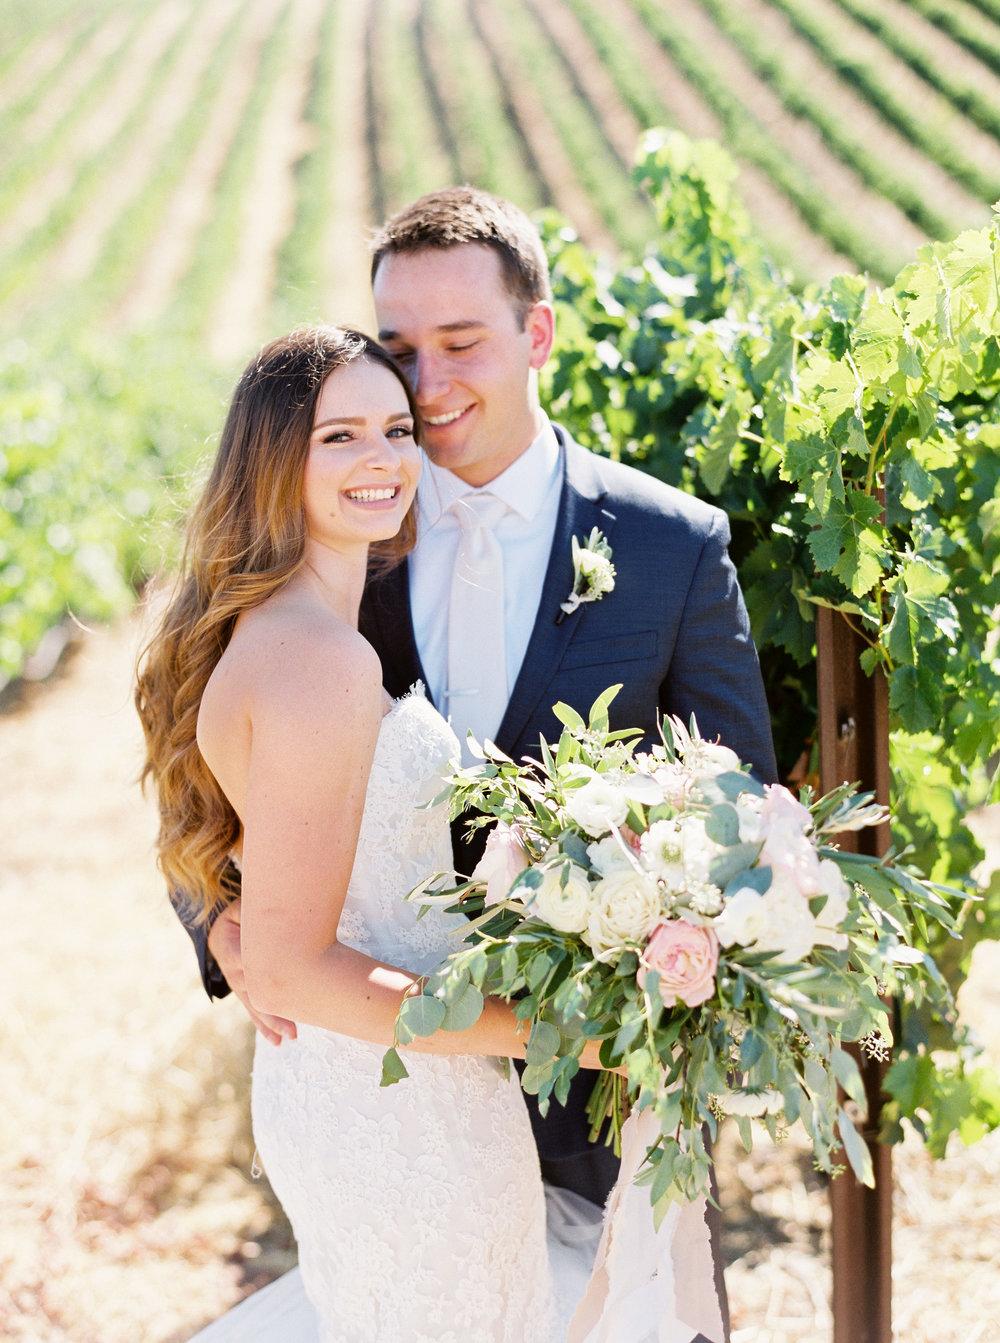 muriettas-well-wedding-in-livermore-california-119.jpg